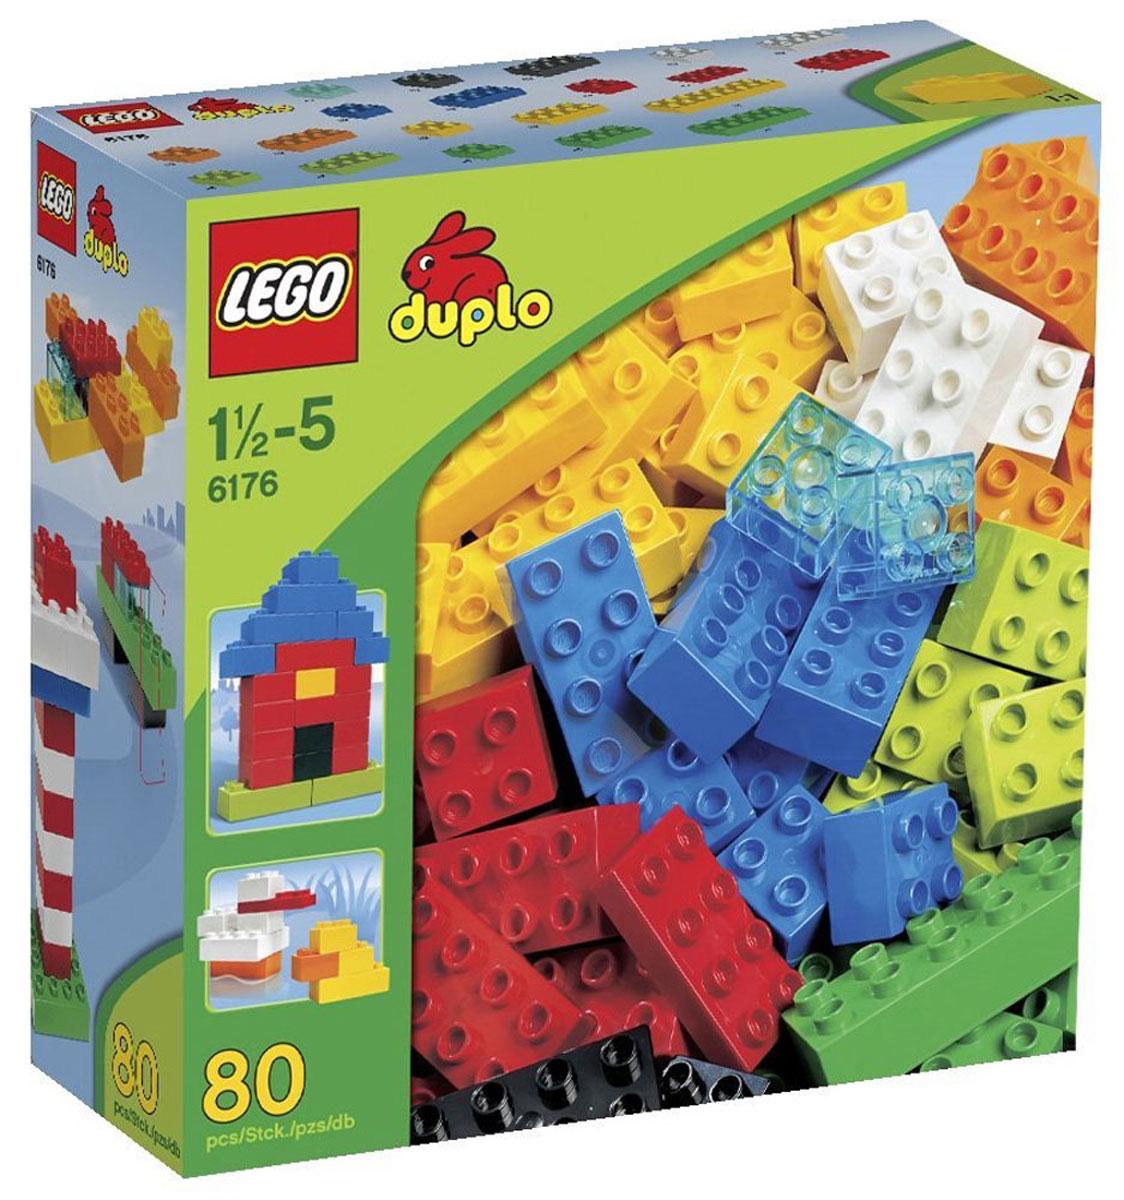 LEGO DUPLO Конструктор Основные элементы 61766176Веселье никогда не закончится с разноцветными кубиками LEGO DUPLO! С помощью разноцветных деталей вы сможете собрать разнообразные конструкции. Конструктор - это один из самых увлекательнейших и веселых способов времяпрепровождения. Ребенок сможет часами играть с конструктором, придумывая различные ситуации и истории. В процессе игры с конструкторами LEGO дети приобретают и постигают такие необходимые навыки как познание, творчество, воображение. Обычные наблюдения за детьми показывают, что единственное, чему они с удовольствием посвящают время - это игры. Игра - это состояние души, это веселый опыт познания реальности. Фантазия ребенка безгранична, она позволяет ребенку учиться представлять в уме, она помогает ему выражать свою индивидуальность, творить, давать форму или выражение чувствам, идеям, а это означает, что ребенок, несомненно, учится. Конструктор предназначен для детей от 1,5 до 5 лет.